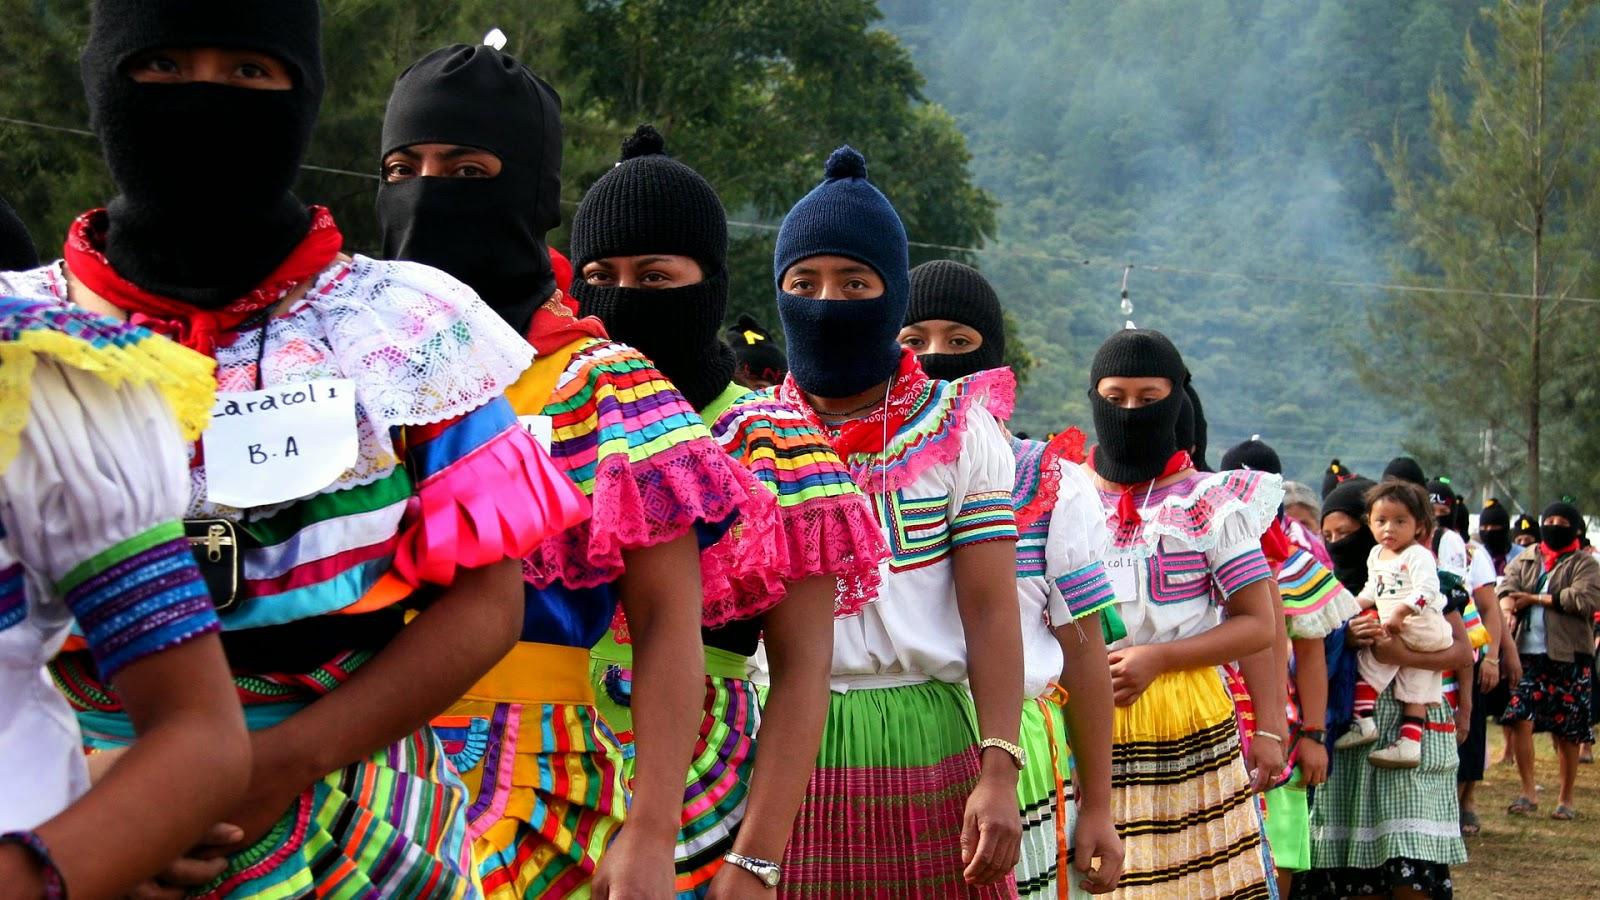 EZLN: candidatura independiente rumbo al 2018